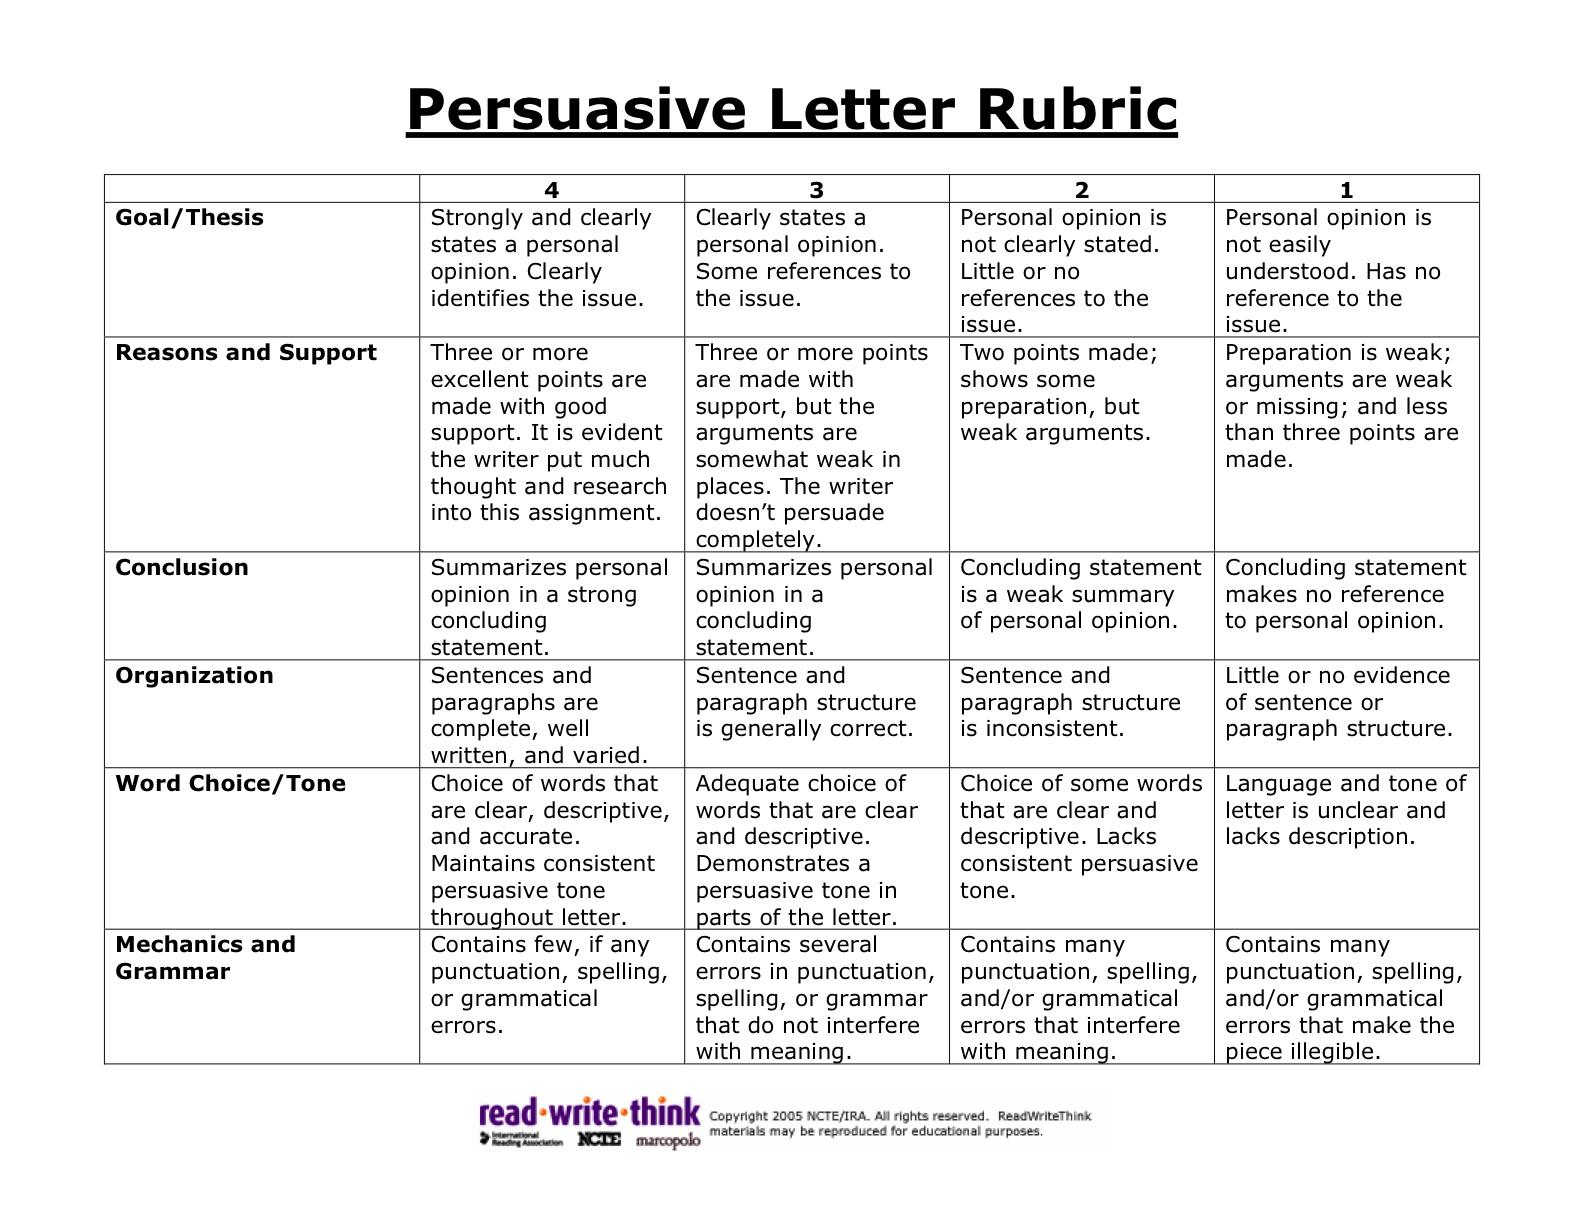 016 Persuasive2brubric Persuasive Essay Topics For Middle School Imposing Prompts Argumentative High Pdf Full